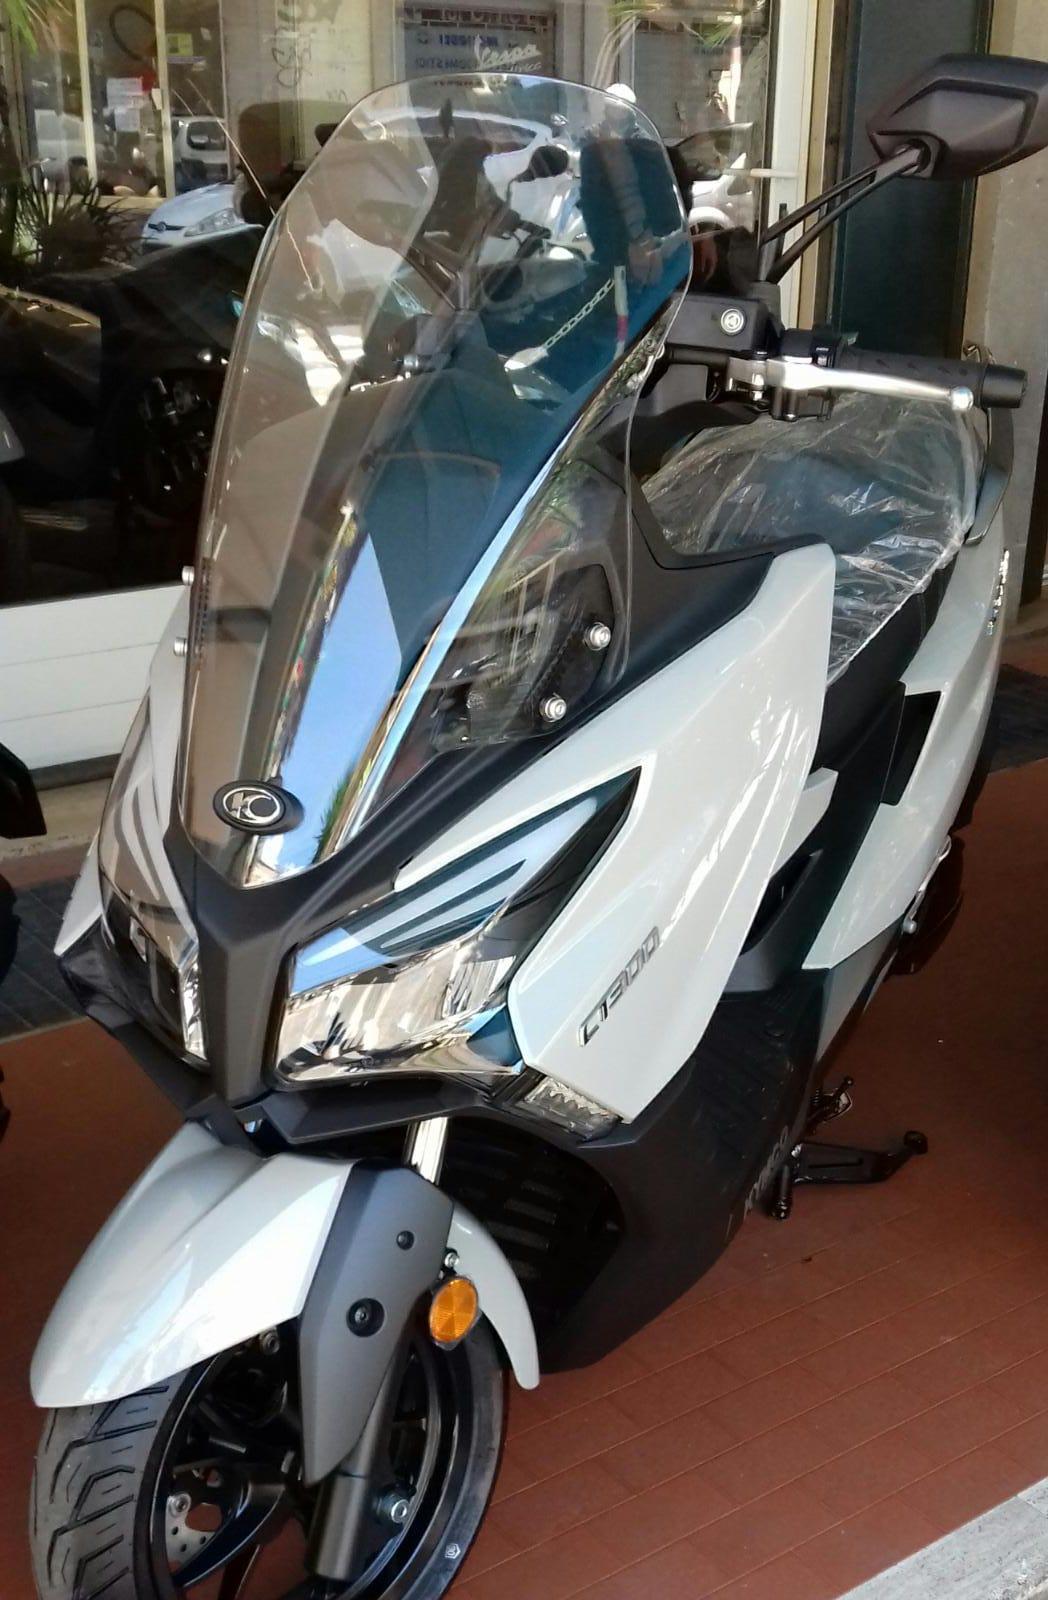 Vendita Veicoli Kymco (Imperia) | Vendita Moto e Scooter Kymco Ventimiglia (Imperia) | QUATTRONE MOTORI